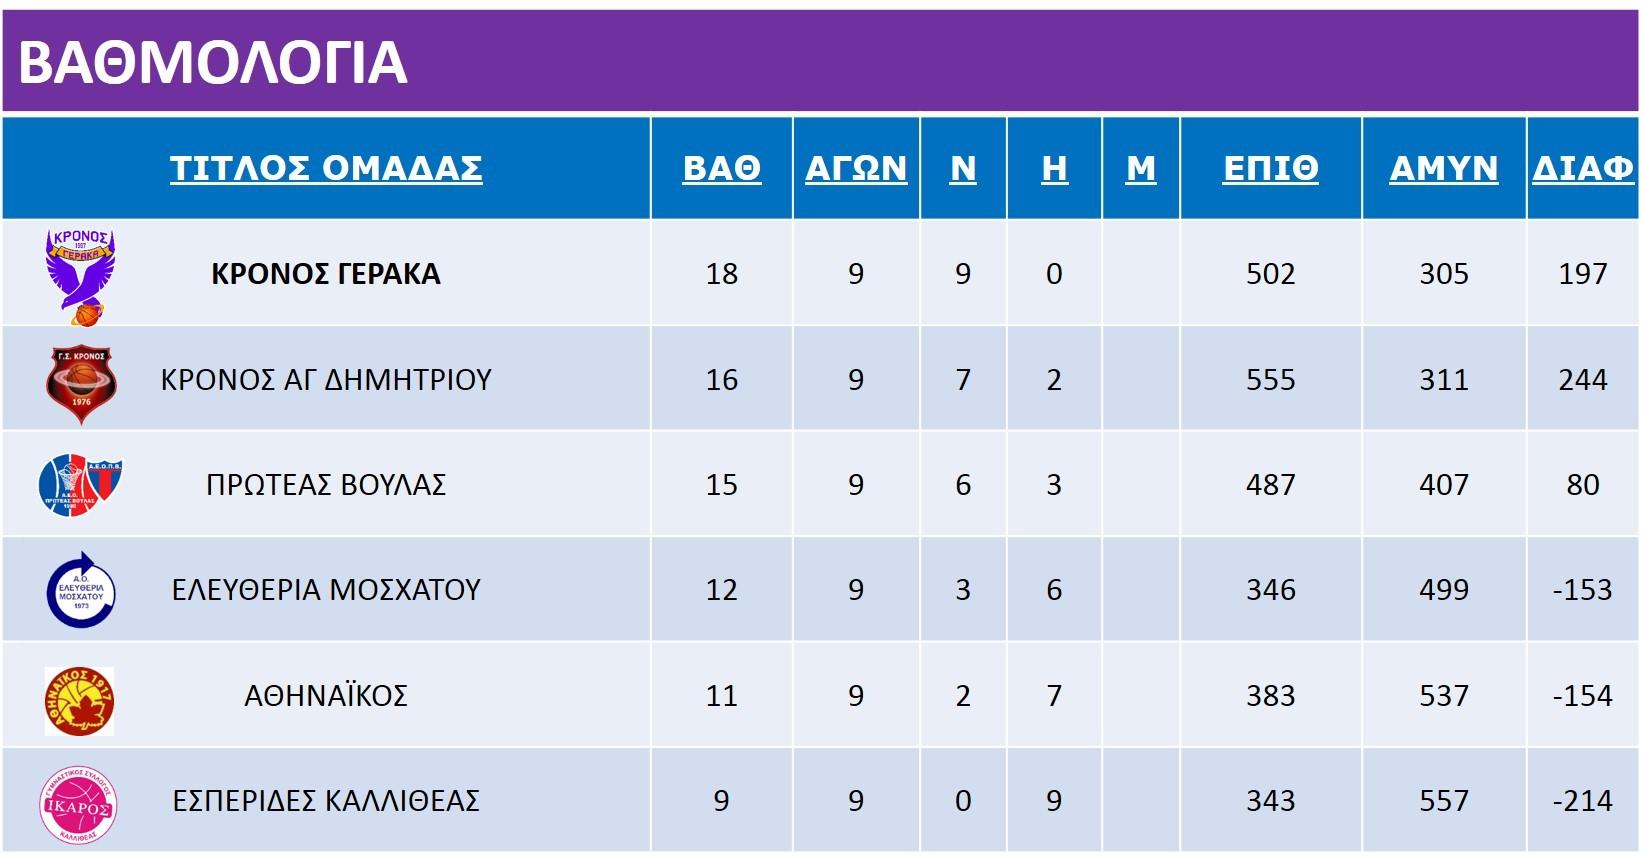 10th_Pagkorasides_Ikaros_Rank_Table_9icons